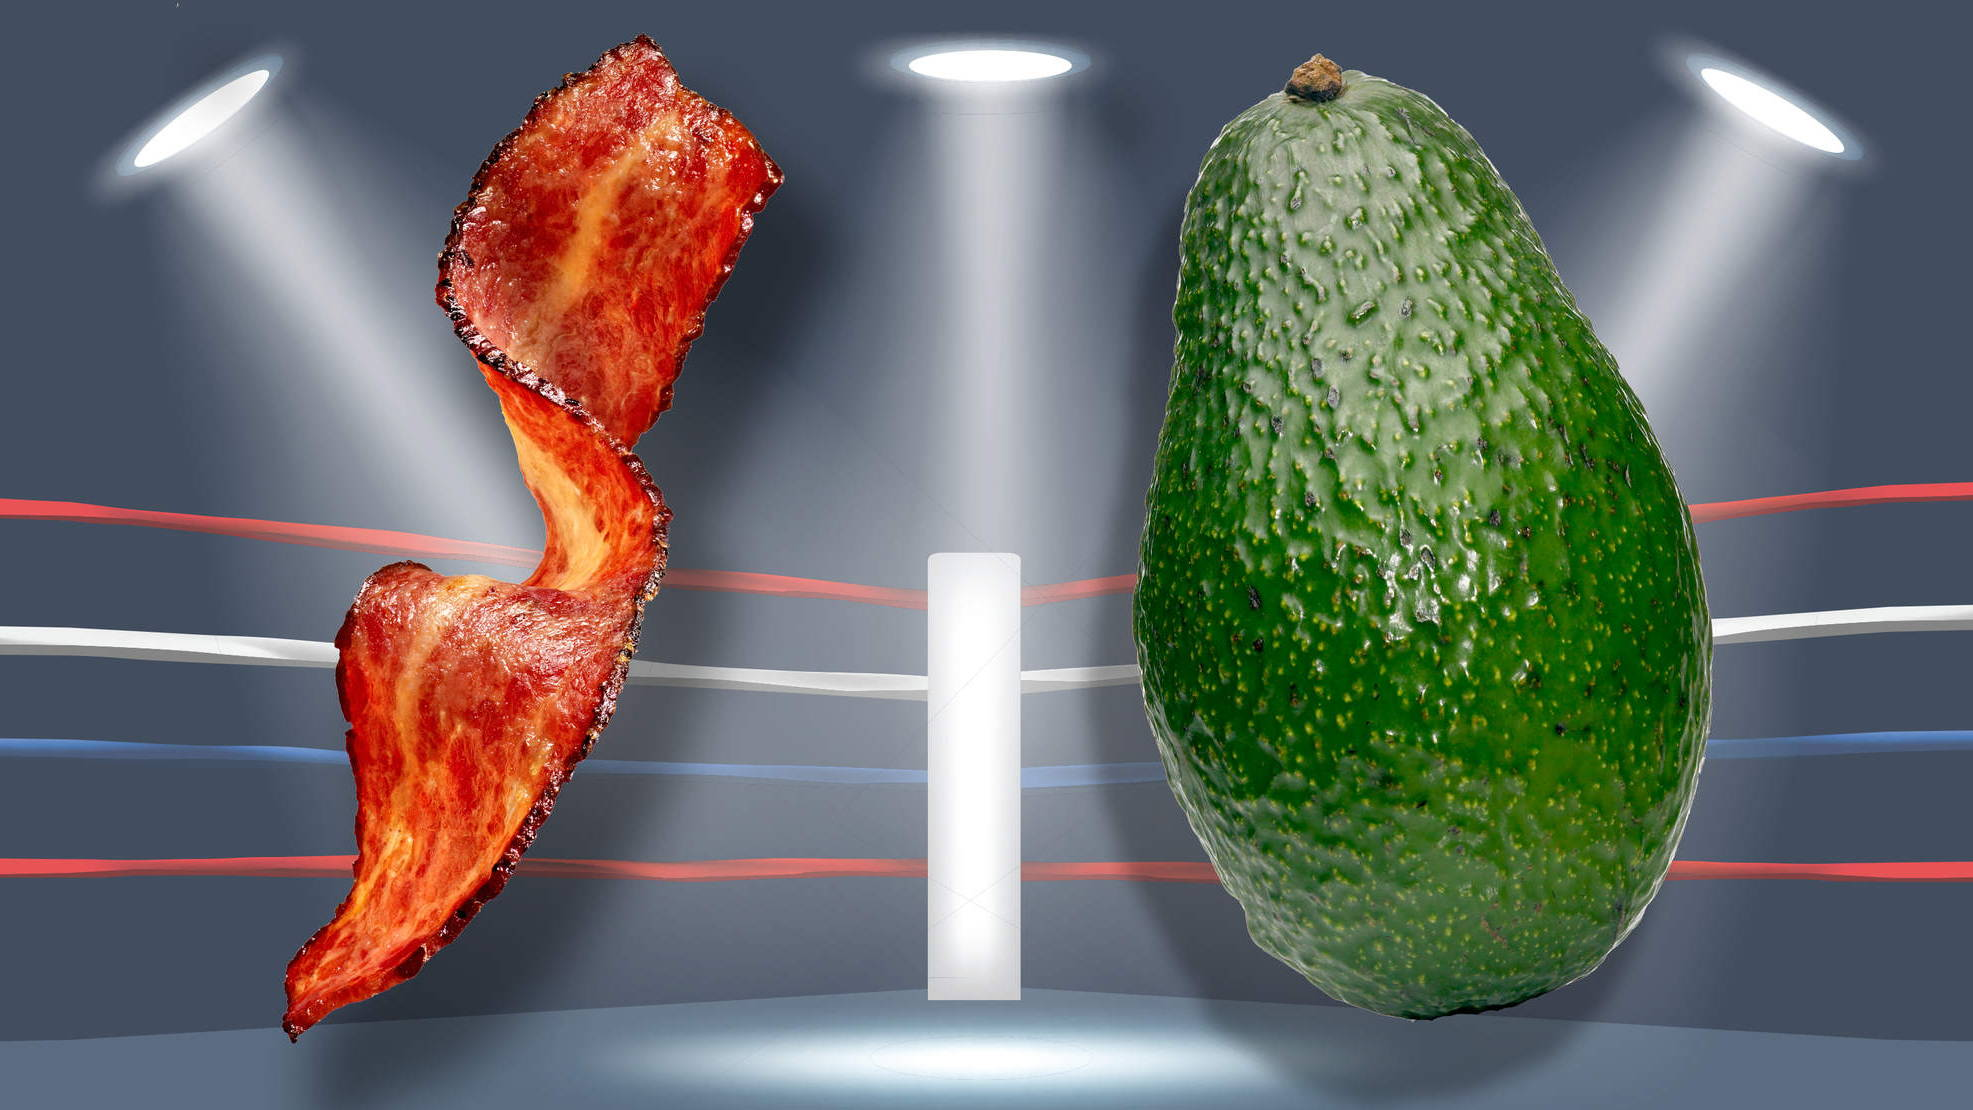 keto versus atkins diet